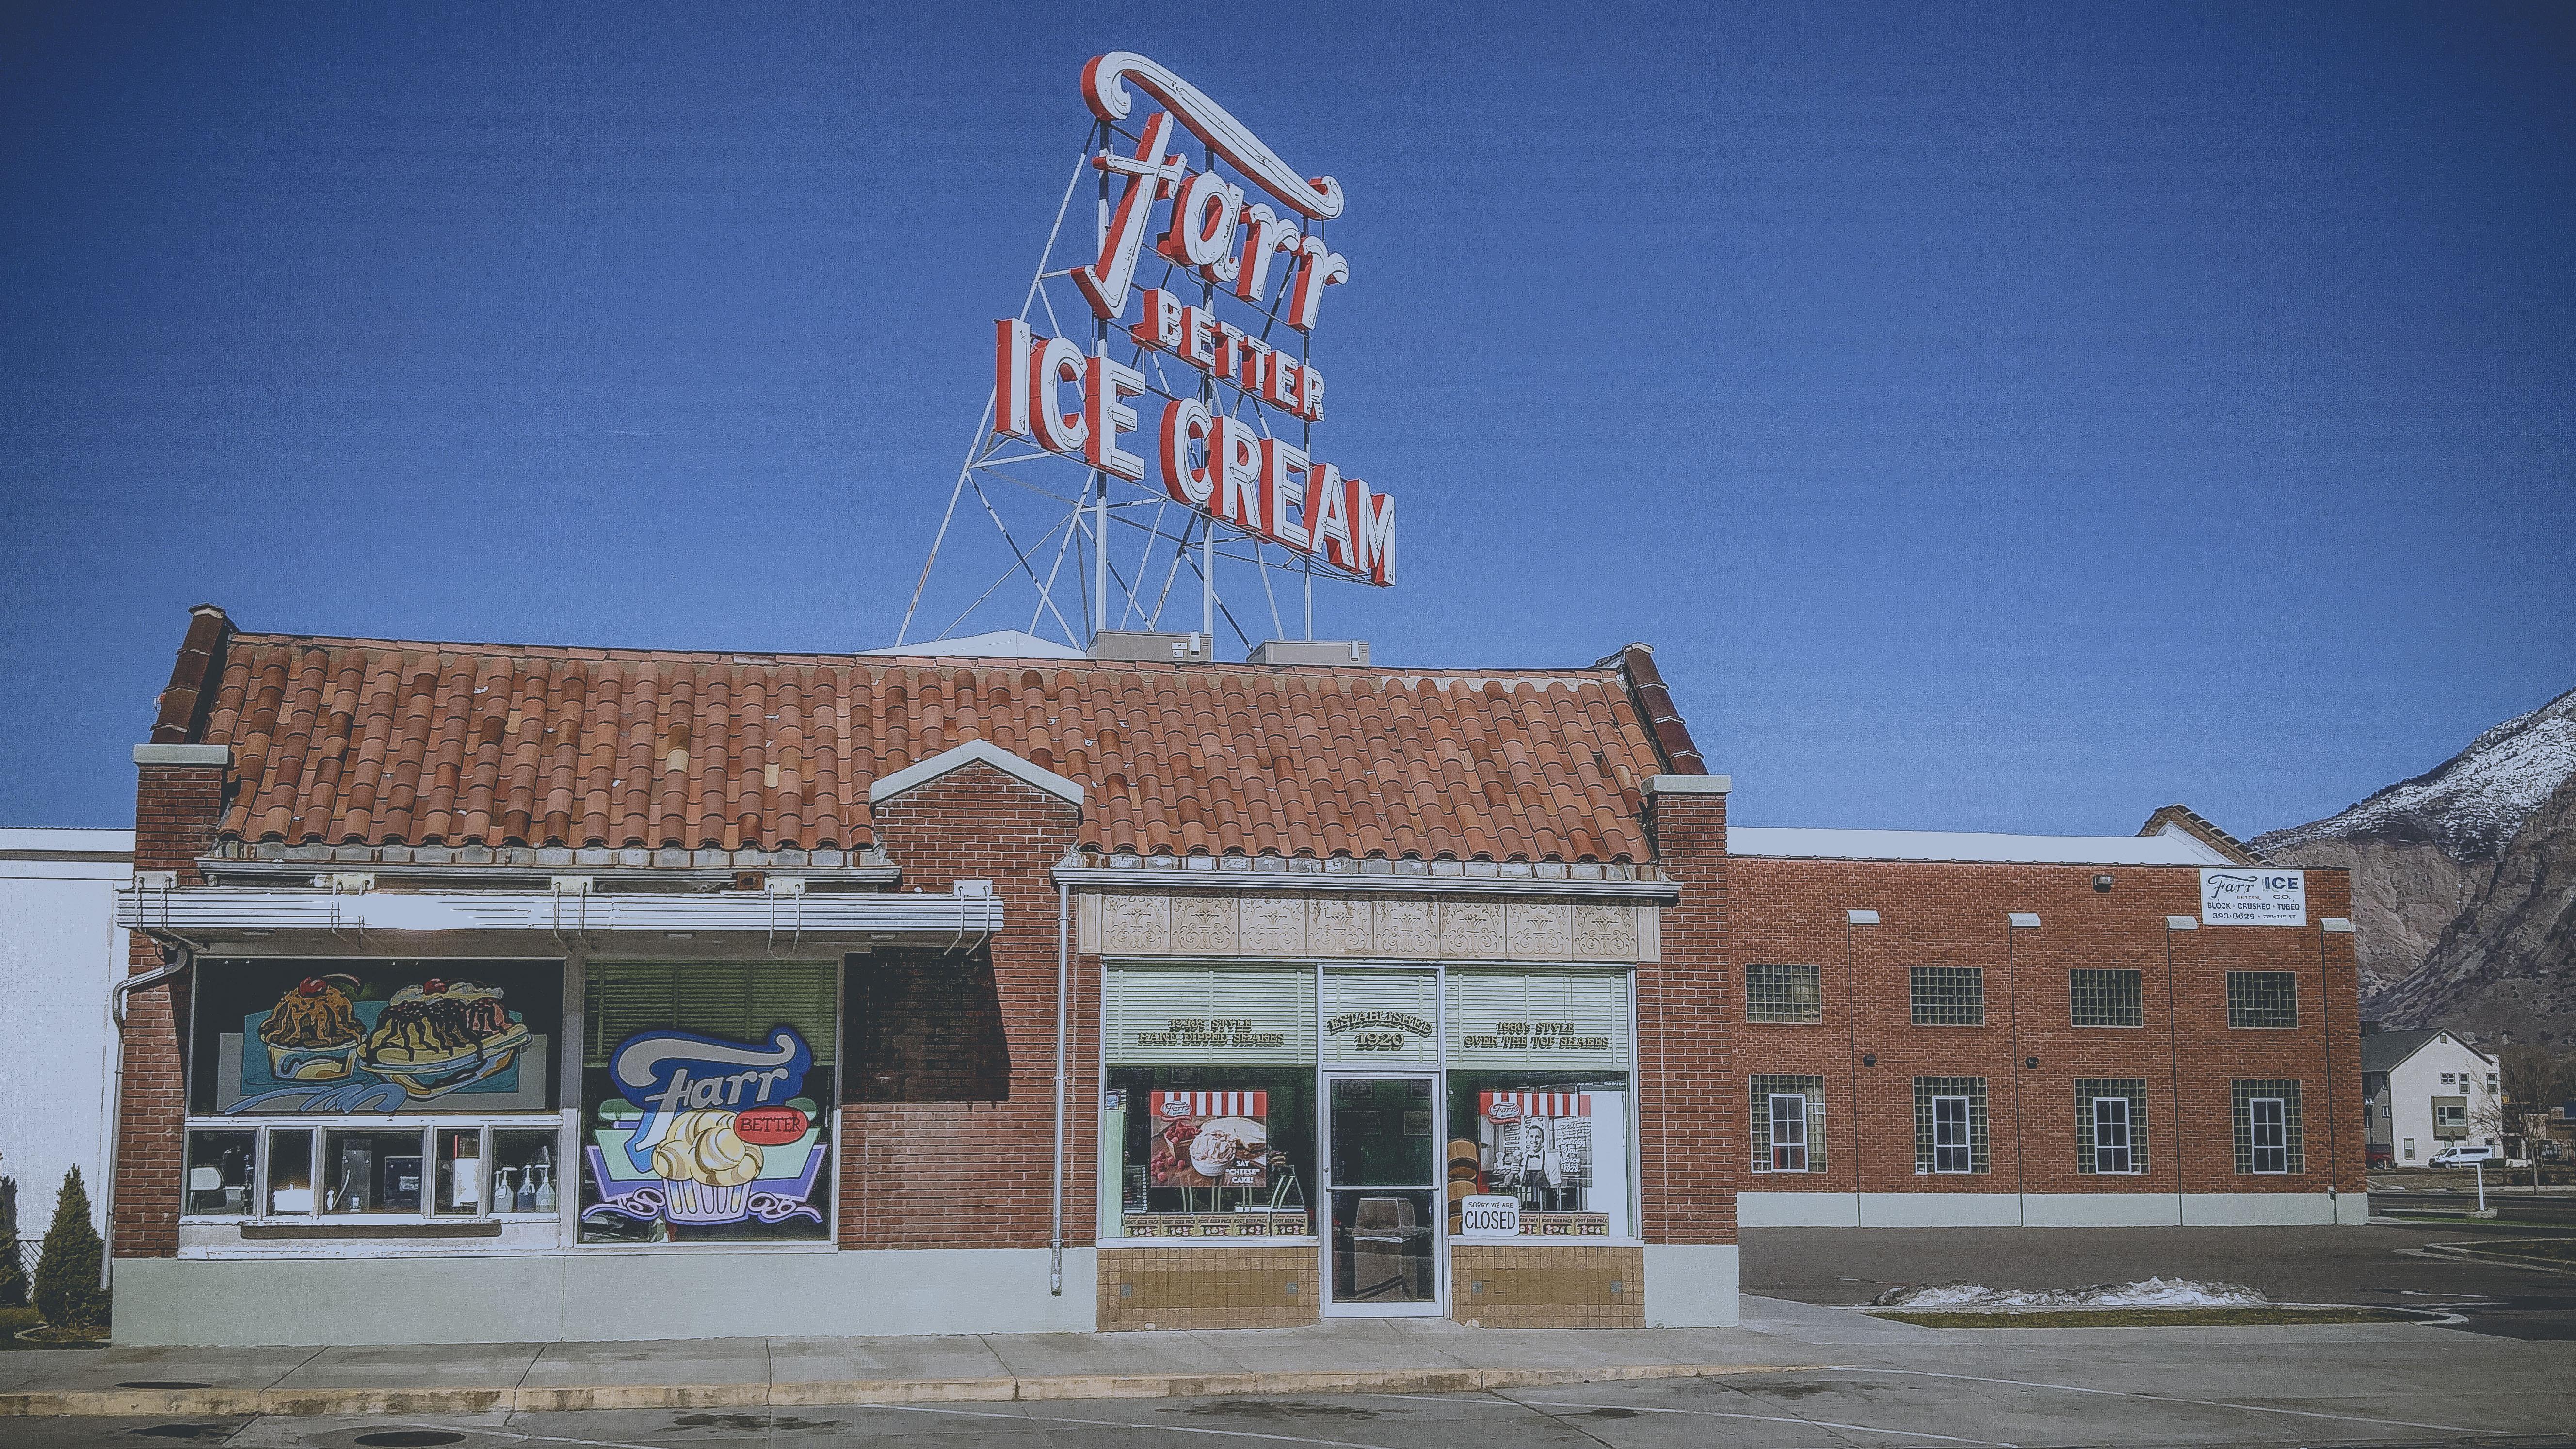 Farr Better Ice Cream, Ogden UT